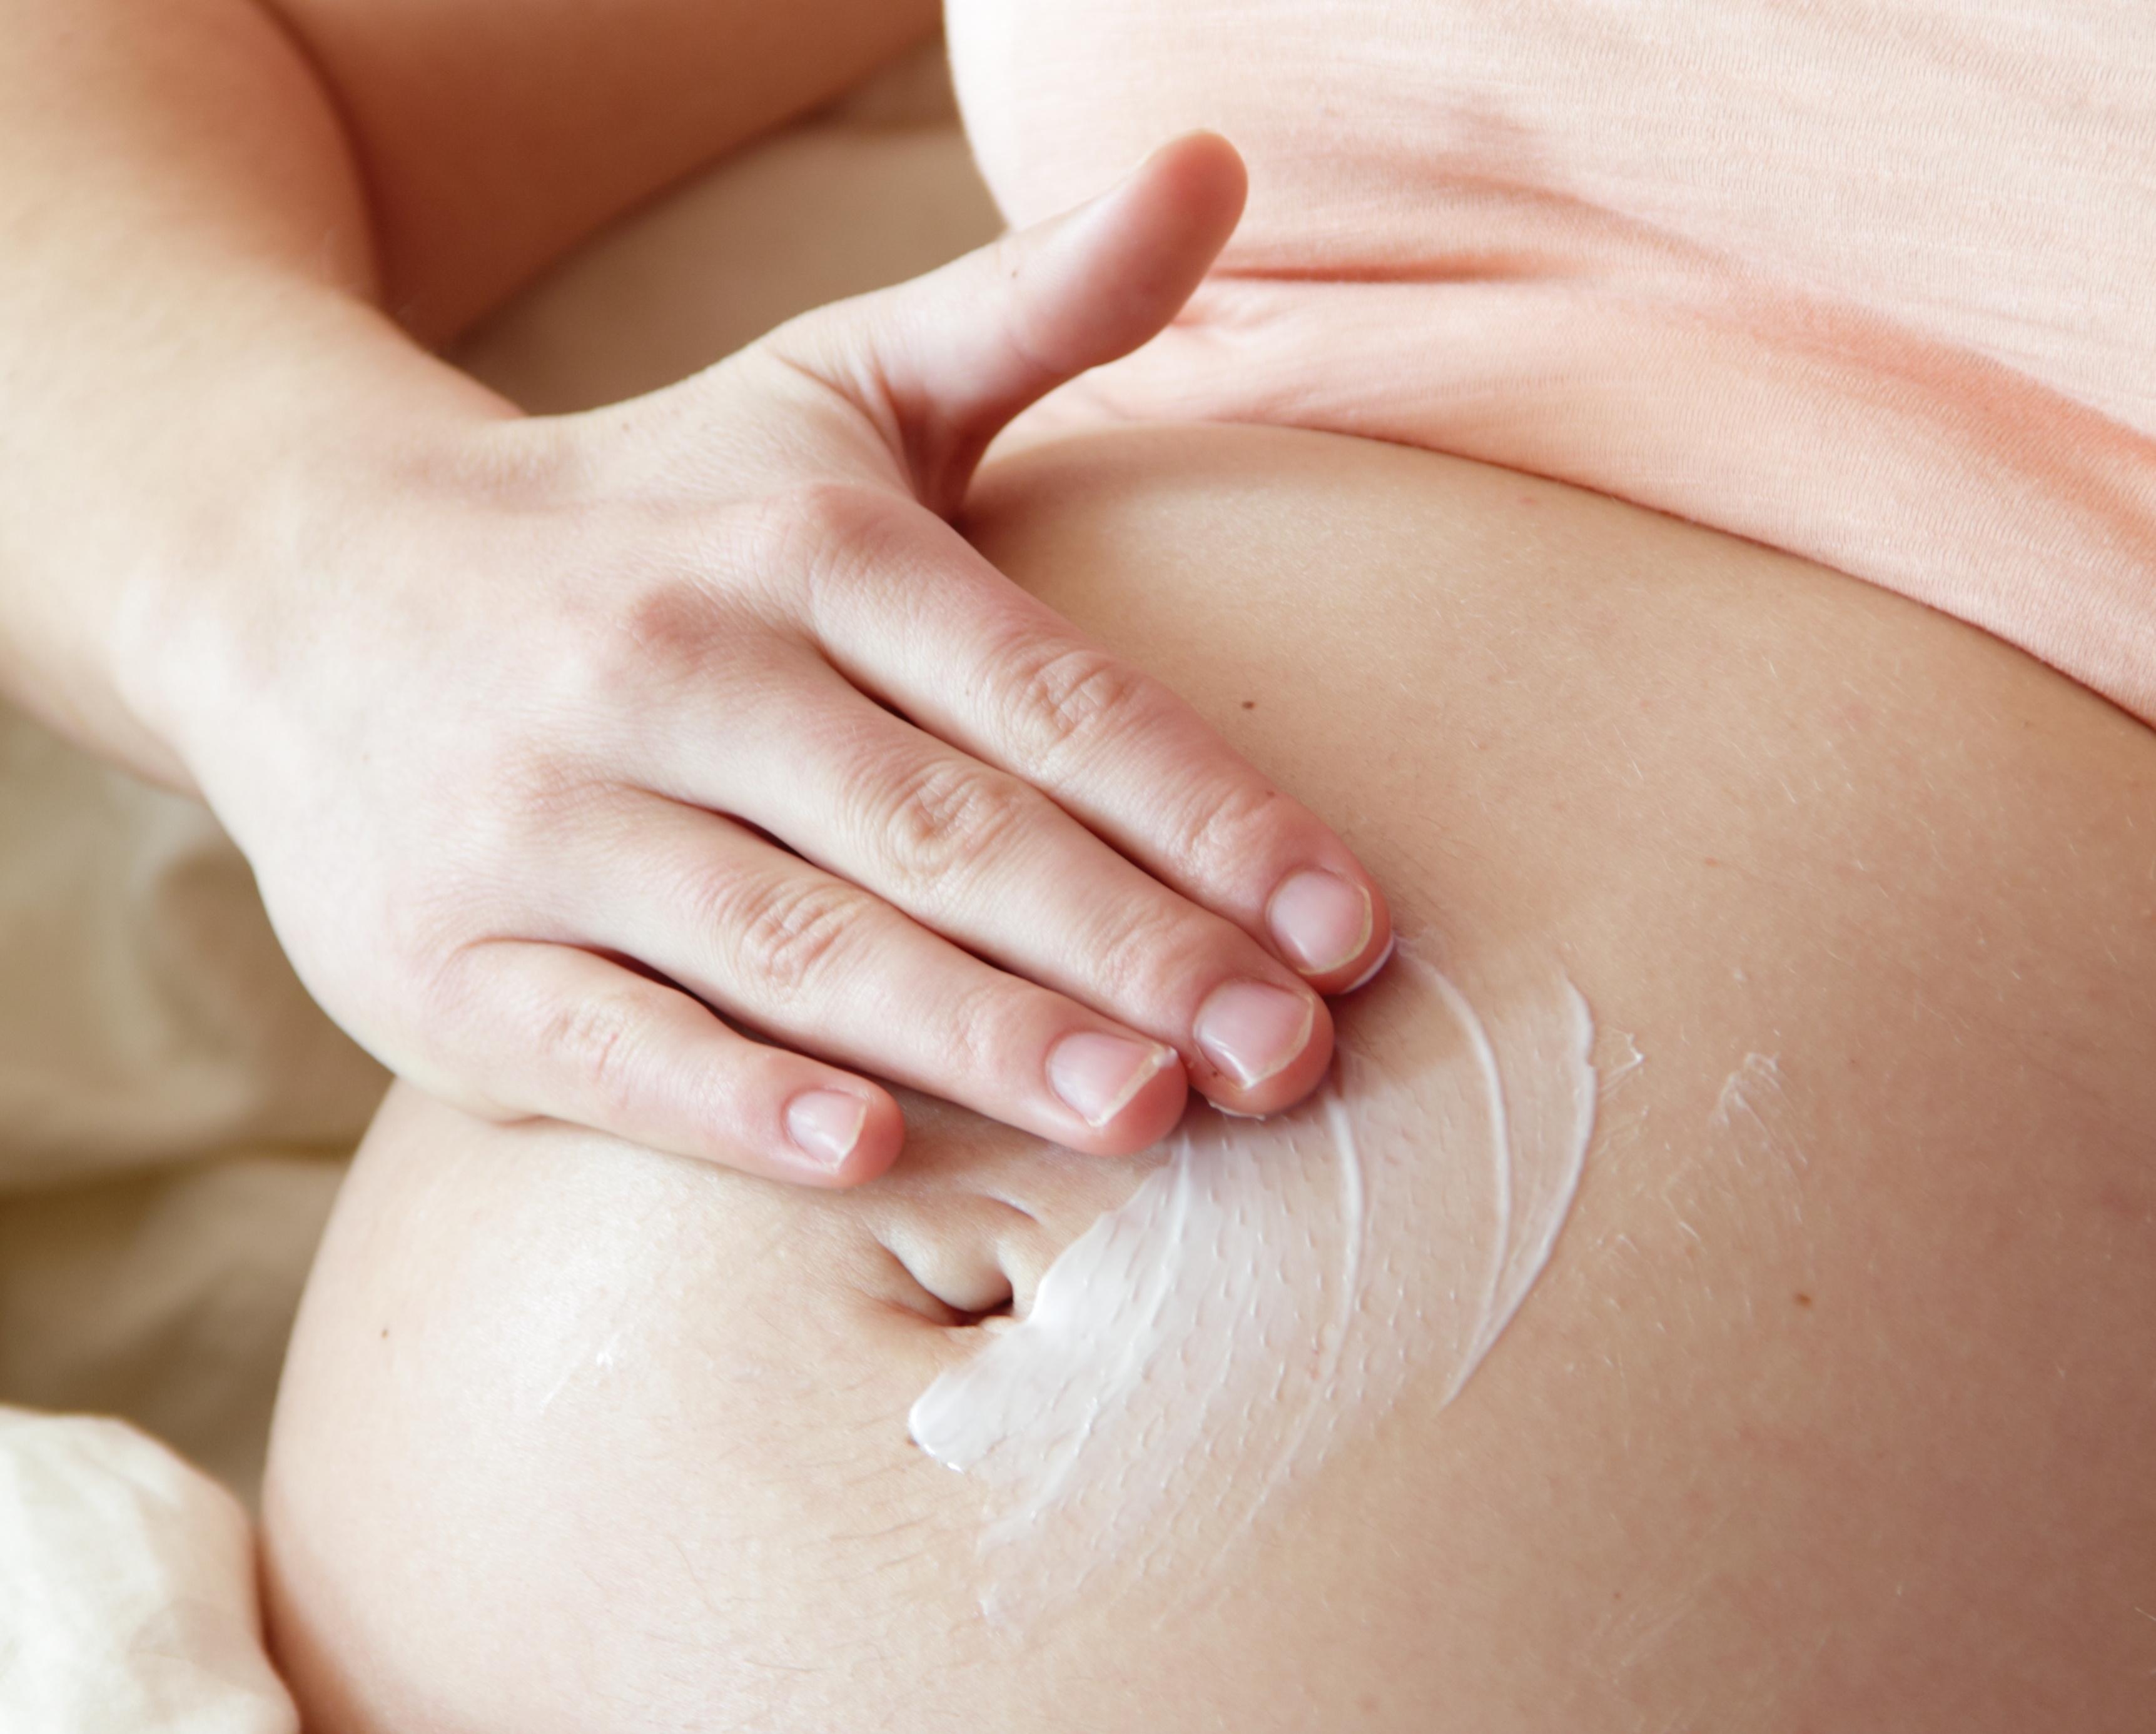 Coceira na barriga de grávida é estria